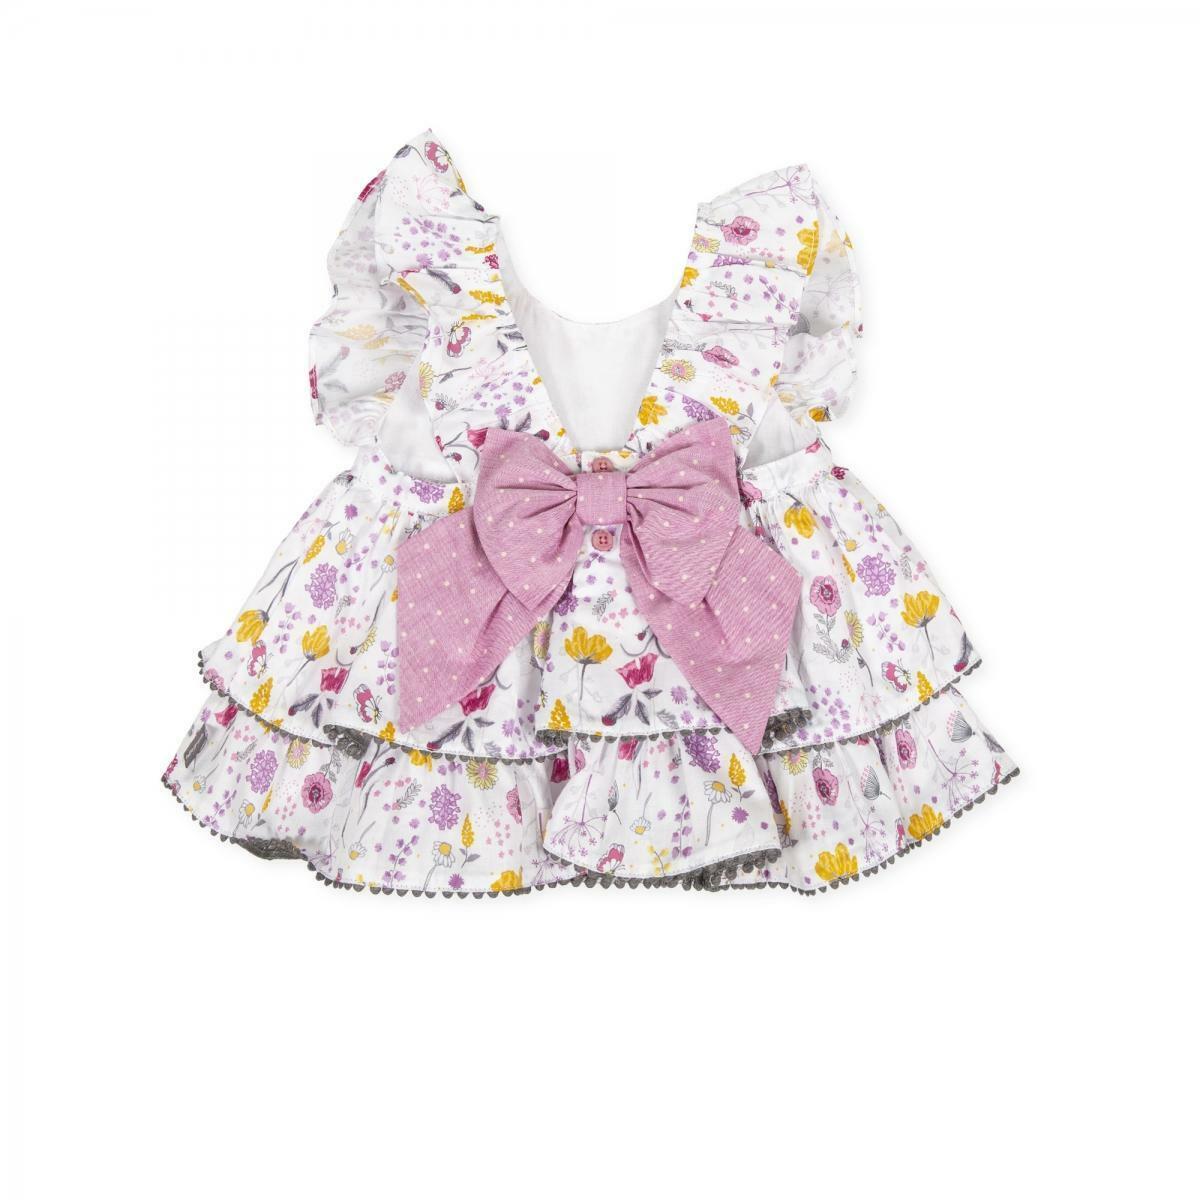 tutto piccolo tutto piccolo vestitino neonata bianco fantas. 8218s20